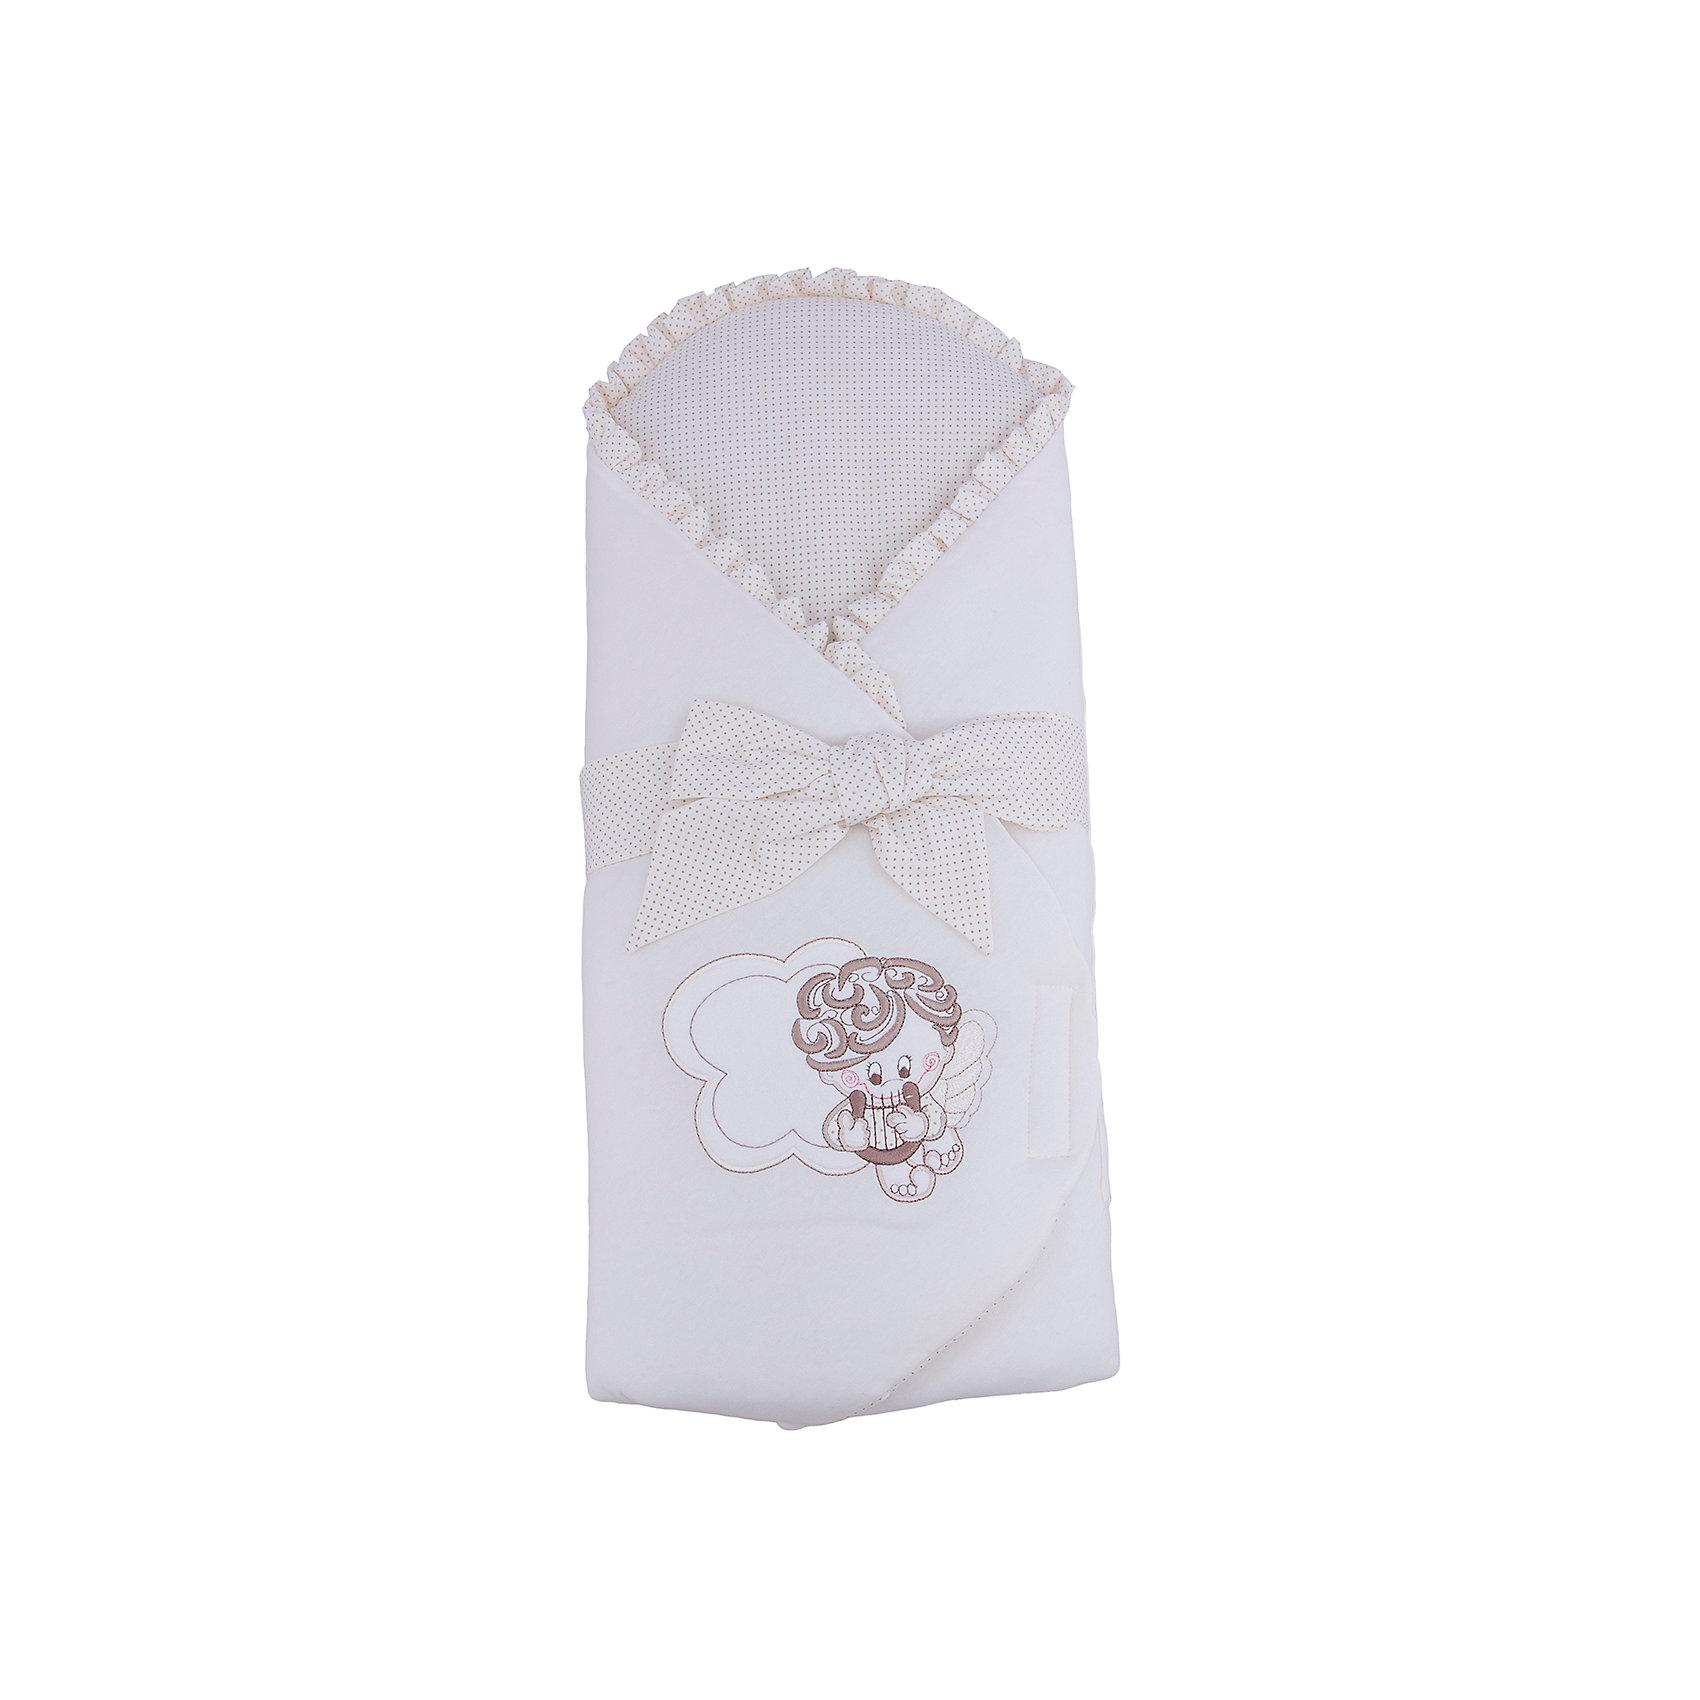 SOFIJA Конверт на выписку Moli, SOFIJA, бежевый sofija конверт на выписку kwiatuszek sofija серый